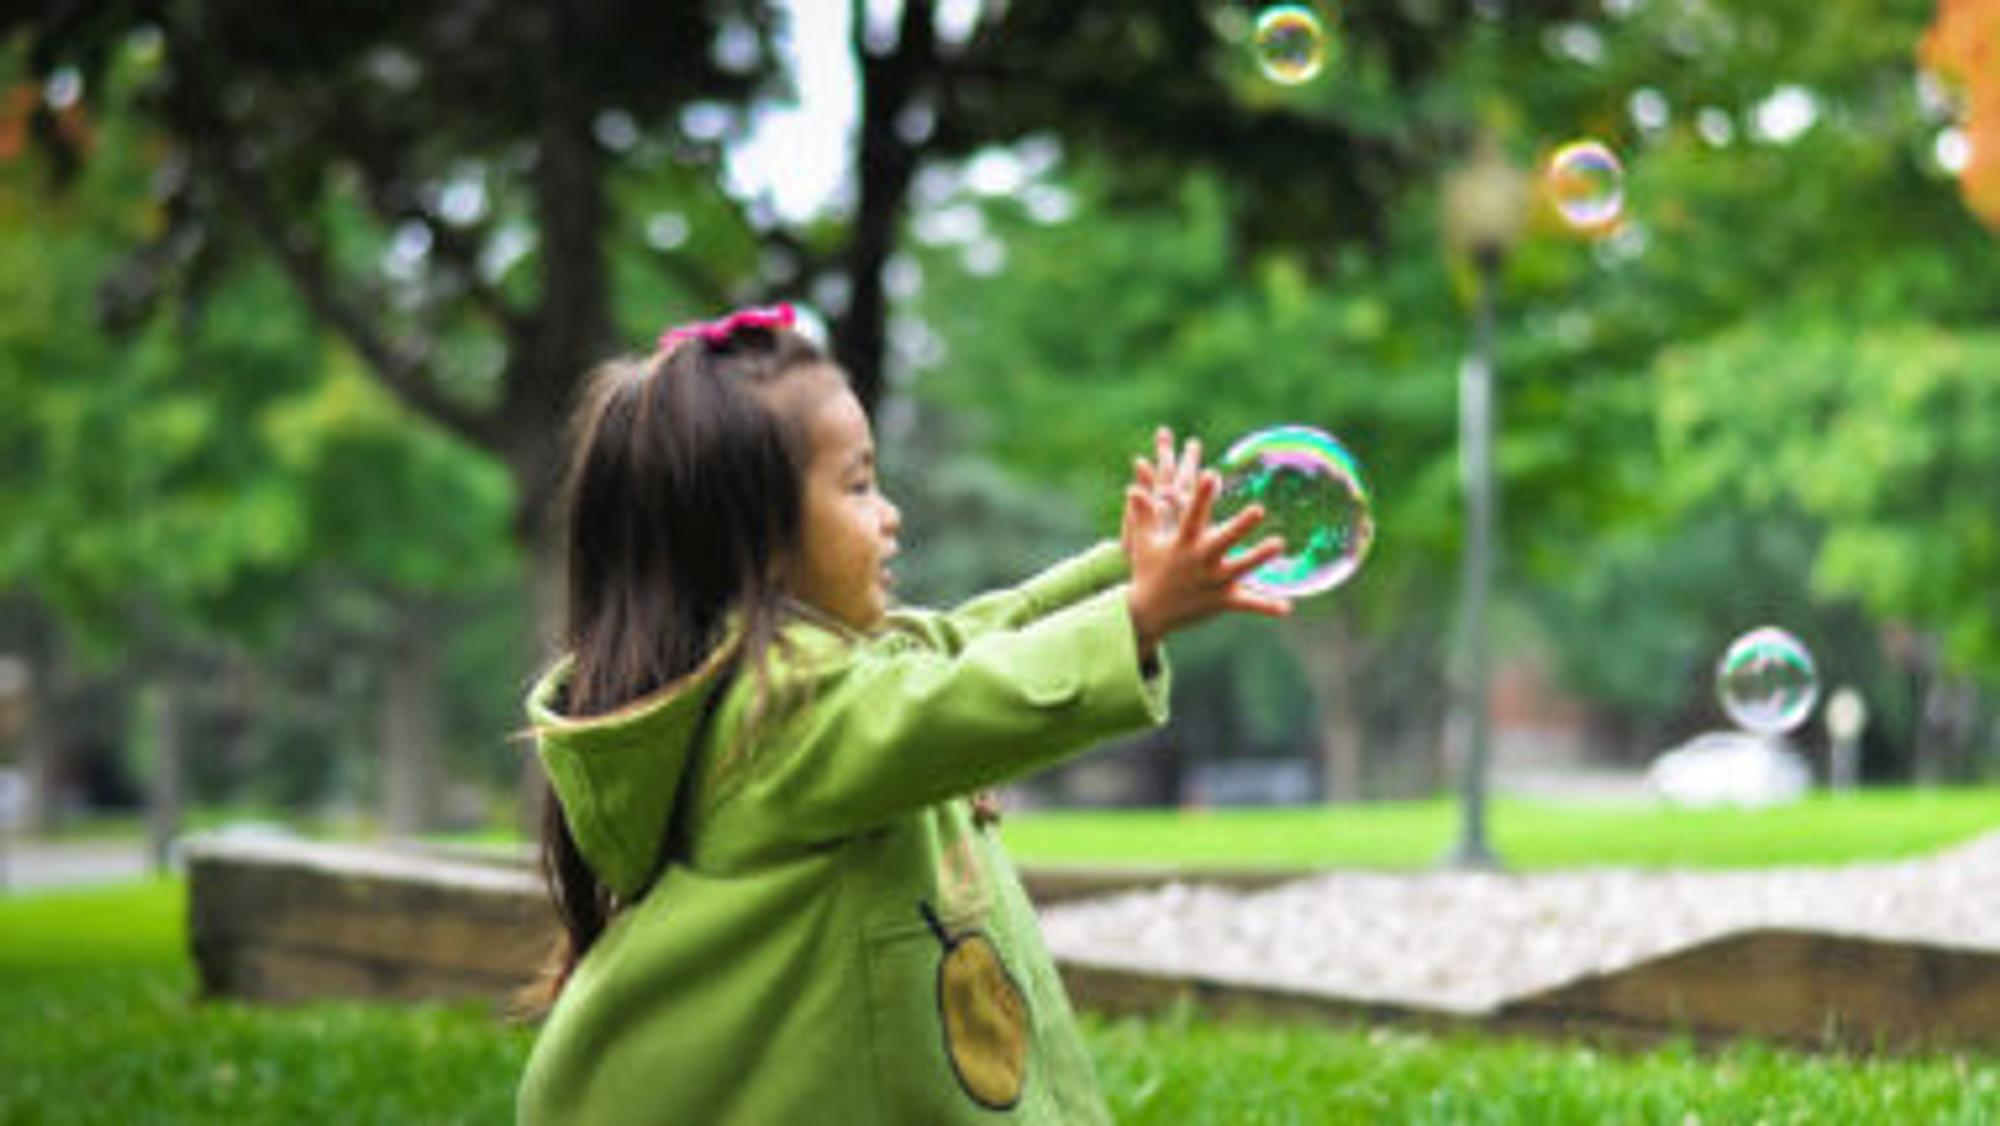 Ein kleines Mädchen, das sorglos im Garten spielt